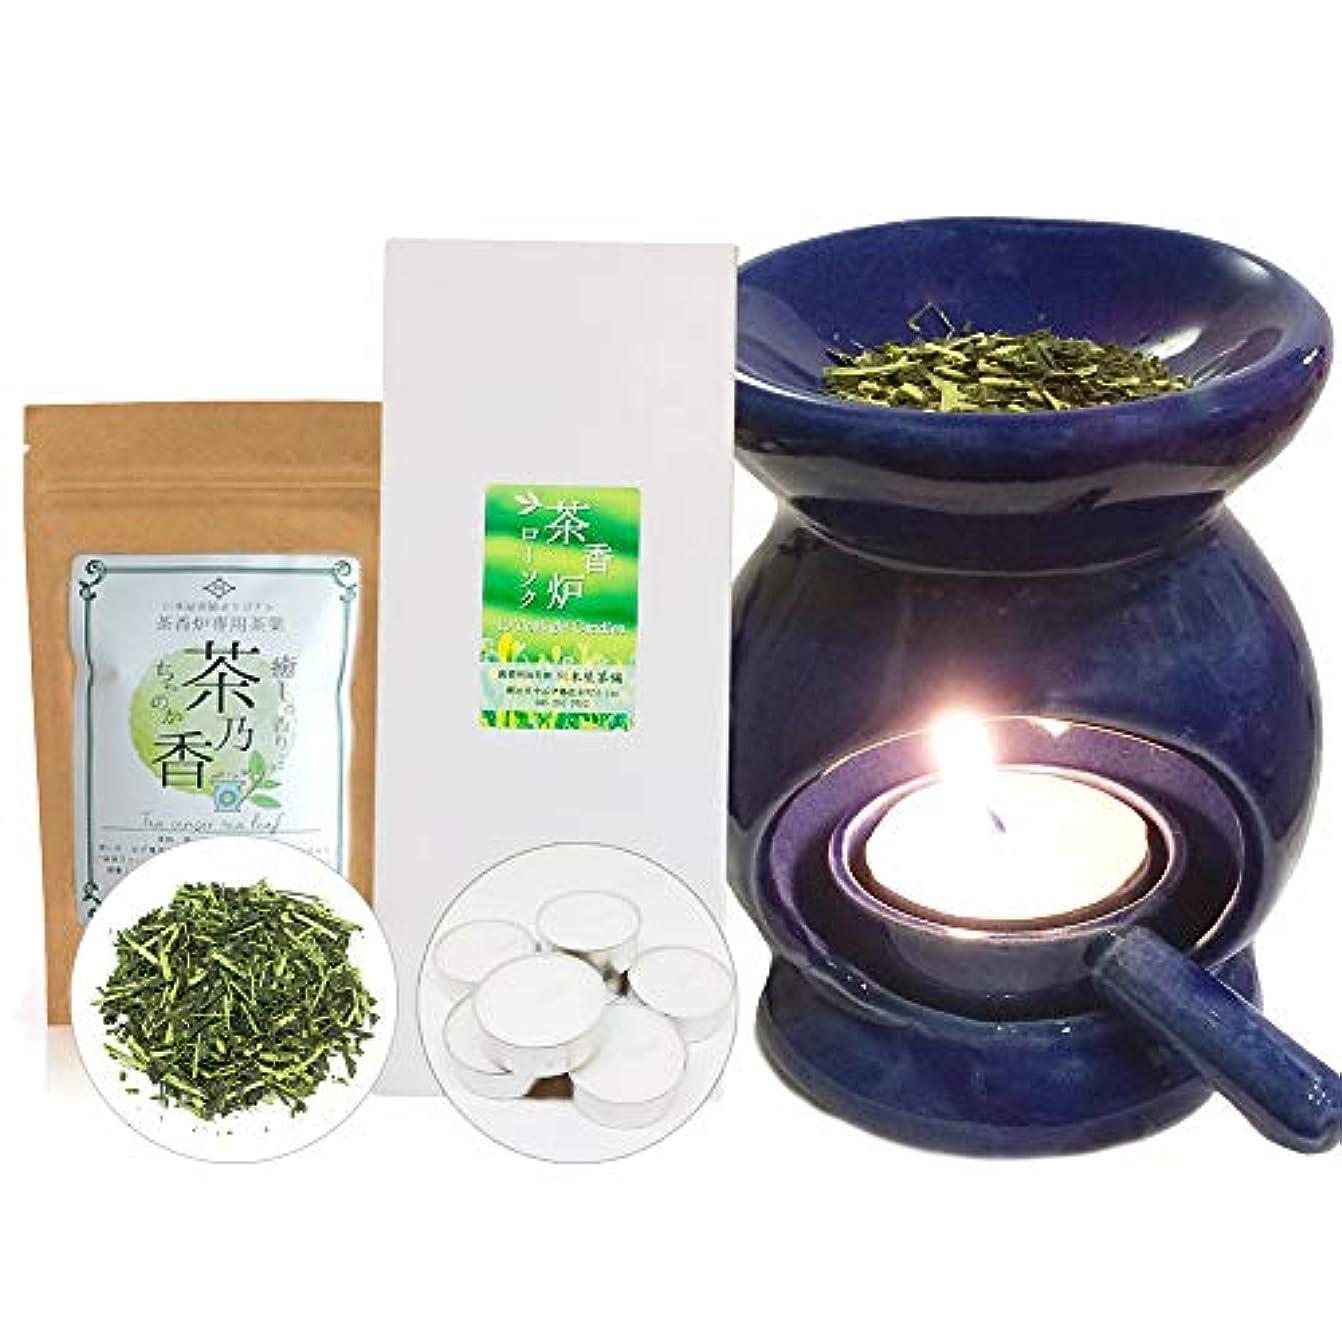 エネルギーインシデント道に迷いました川本屋茶舗 はじめての茶香炉セット (茶香炉専用茶葉?ローソク付) 届いてすぐ始められる?